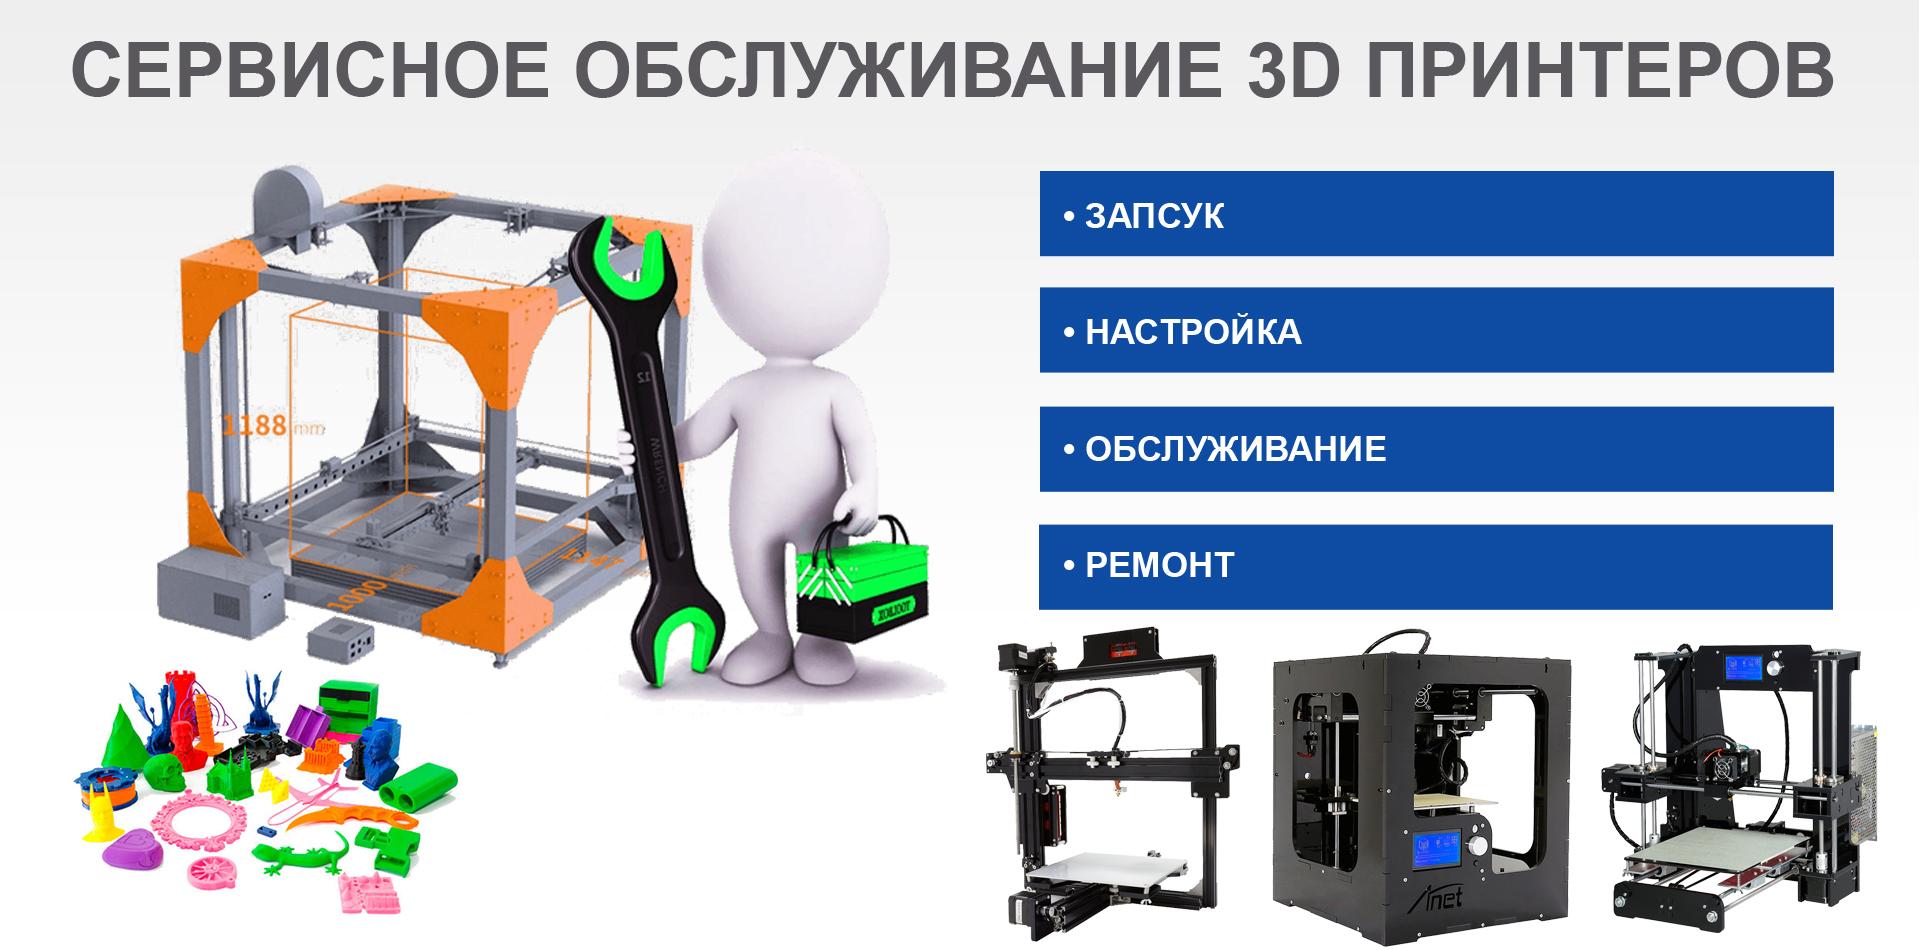 РЕМОНТ 3D ПРИНТЕРОВ